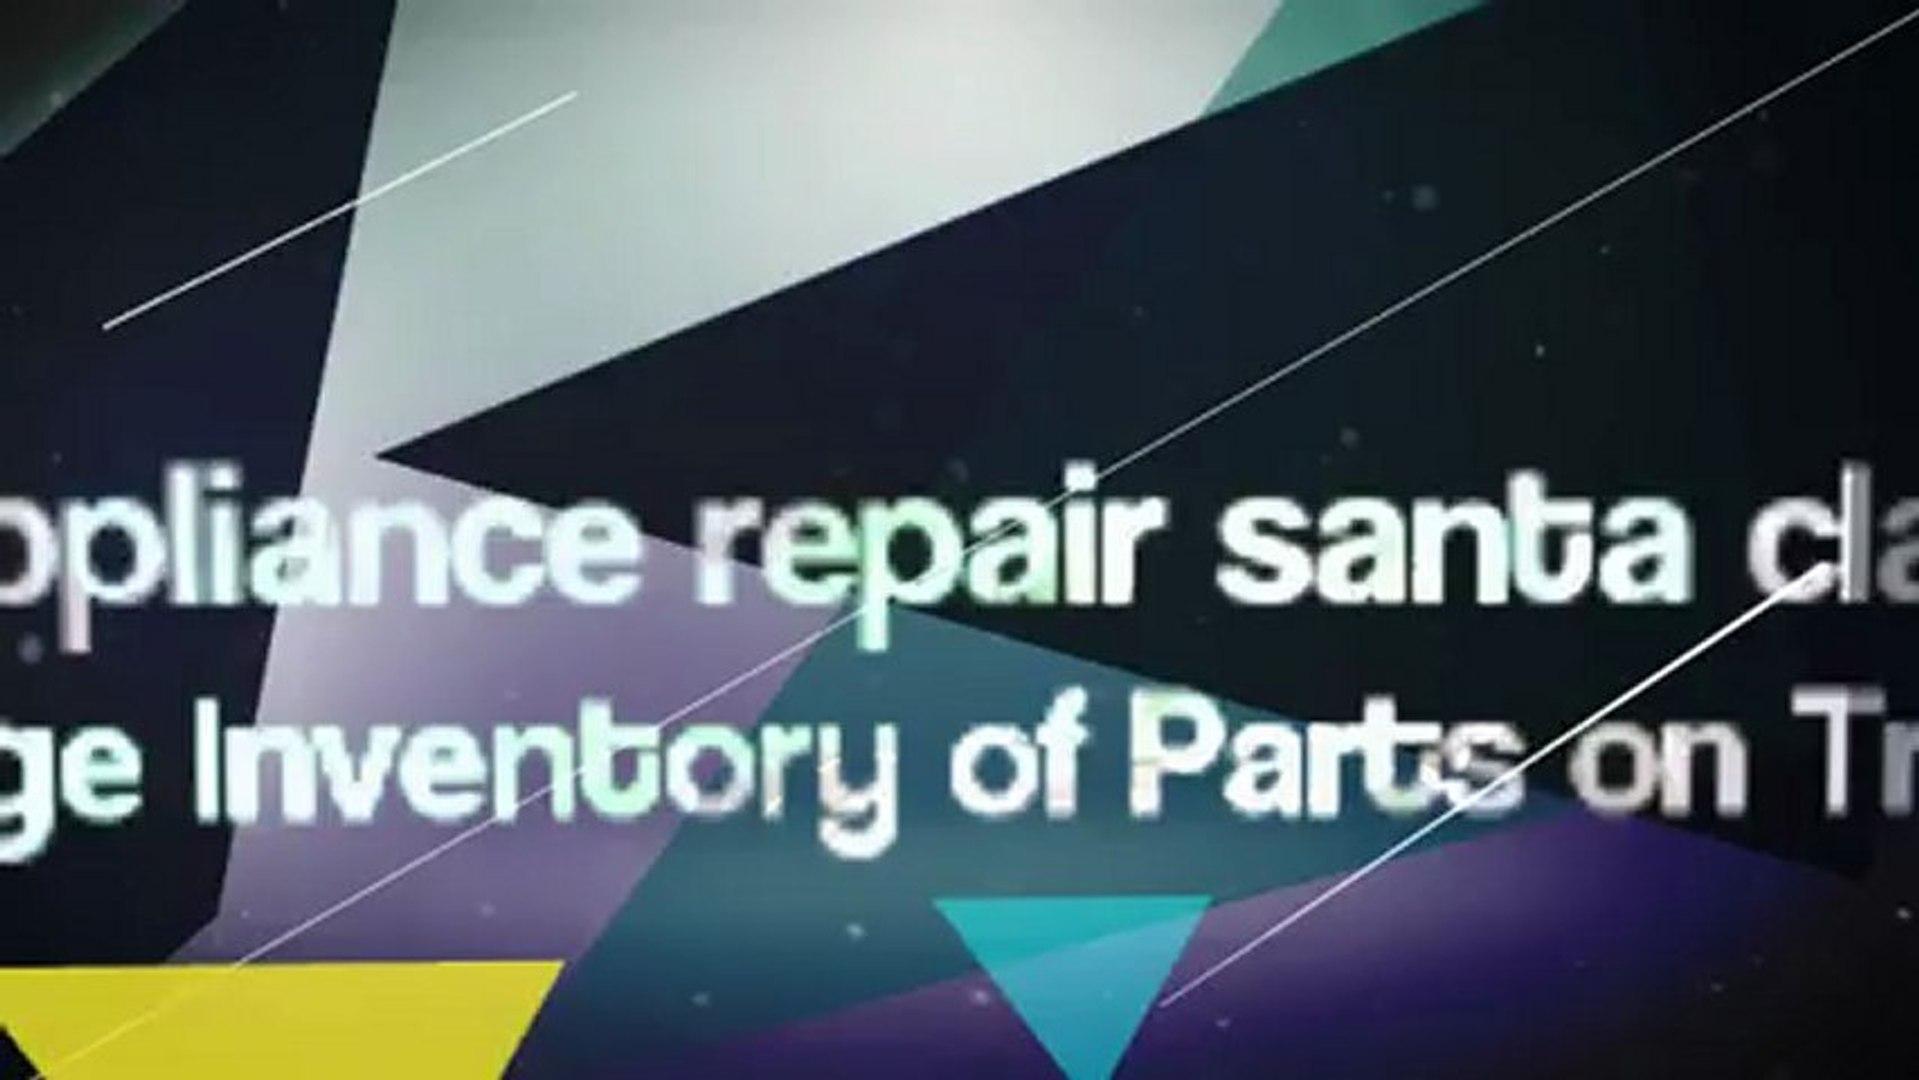 Appliance repair santa clarita ca Call 415-689-8180